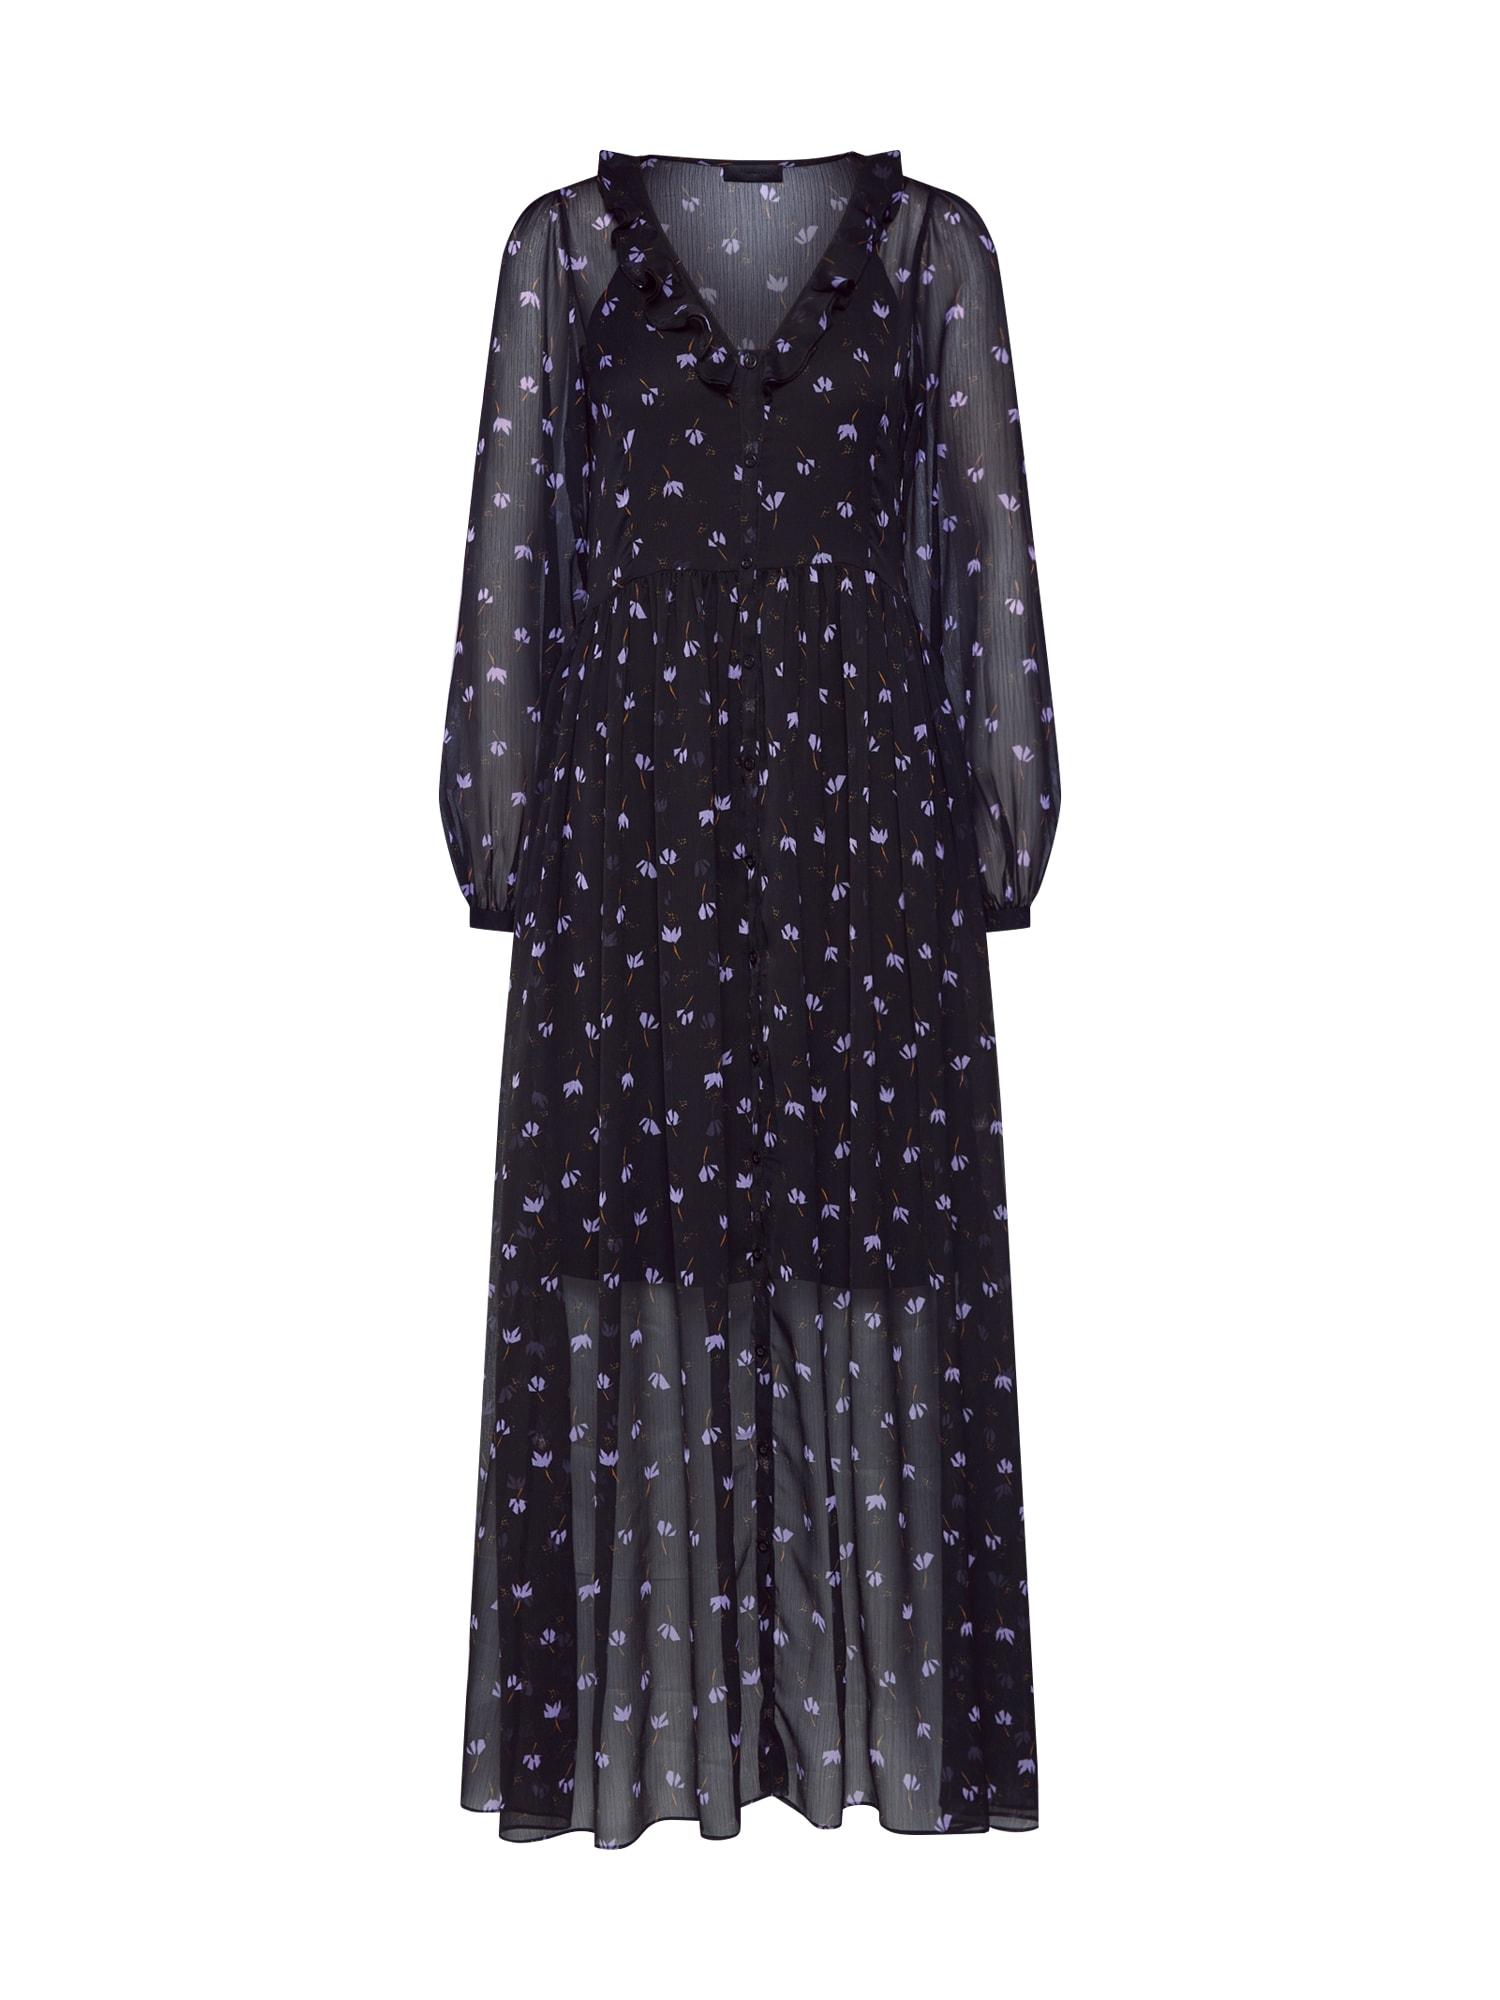 Košilové šaty Petra Anemone šeříková černá 2ND DAY